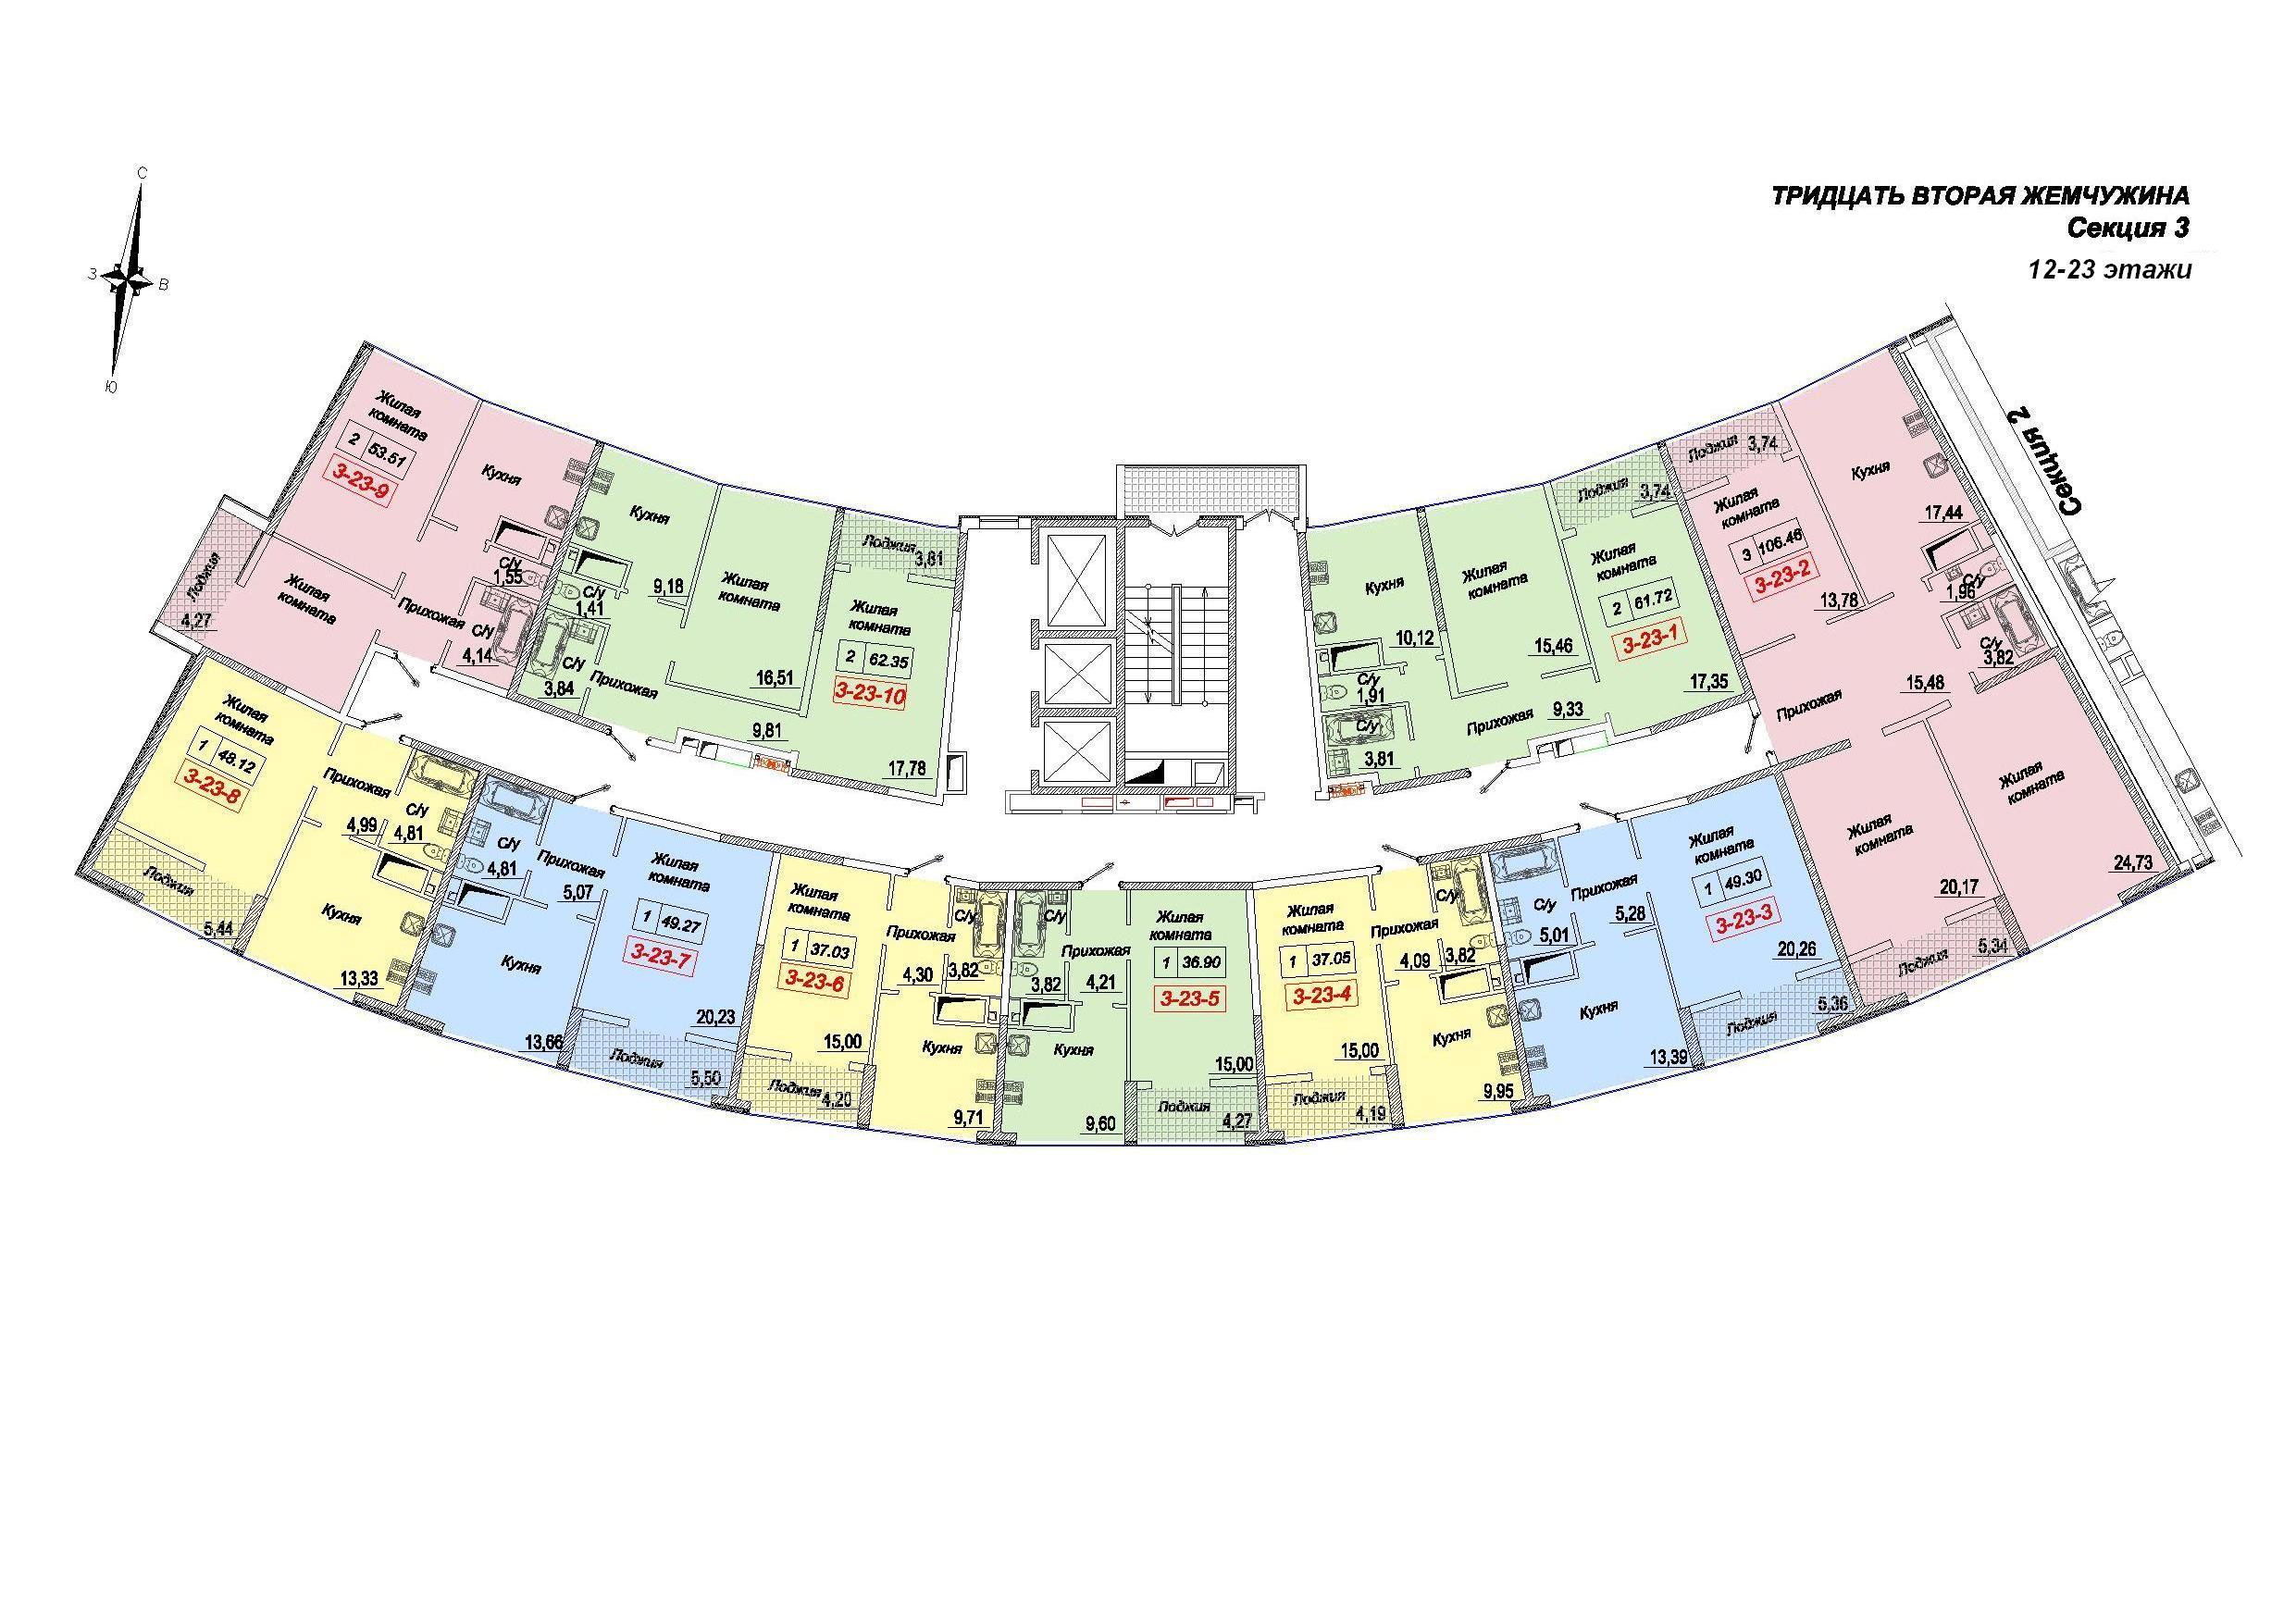 ЖК 32 Жемчужина 3 секция 12-23 этажи